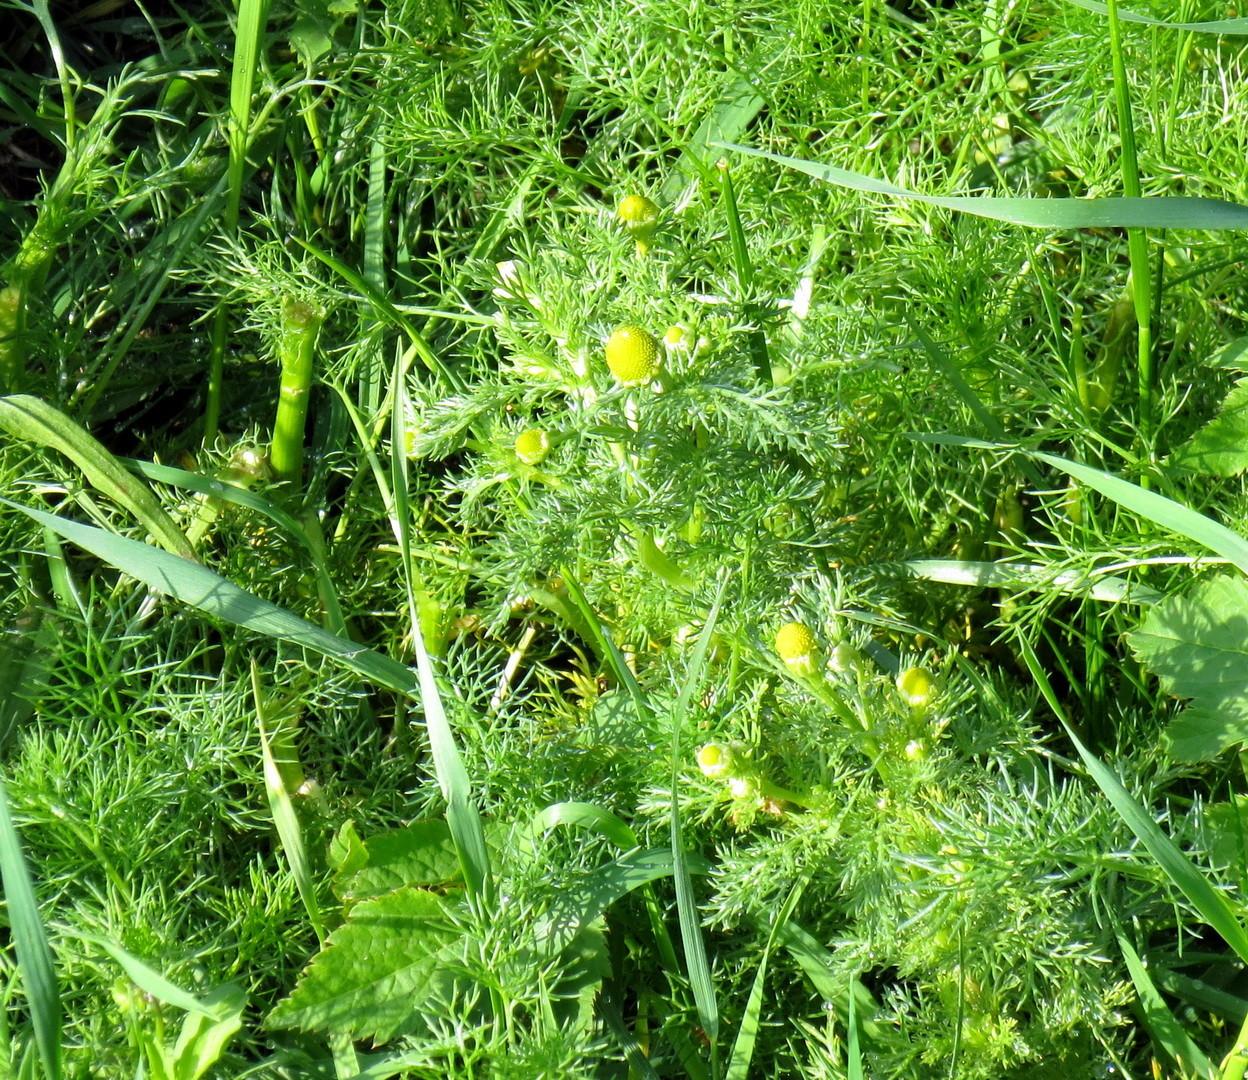 Strahlenlose Kamille (Matricaria discoidea) 10. Mai 2014